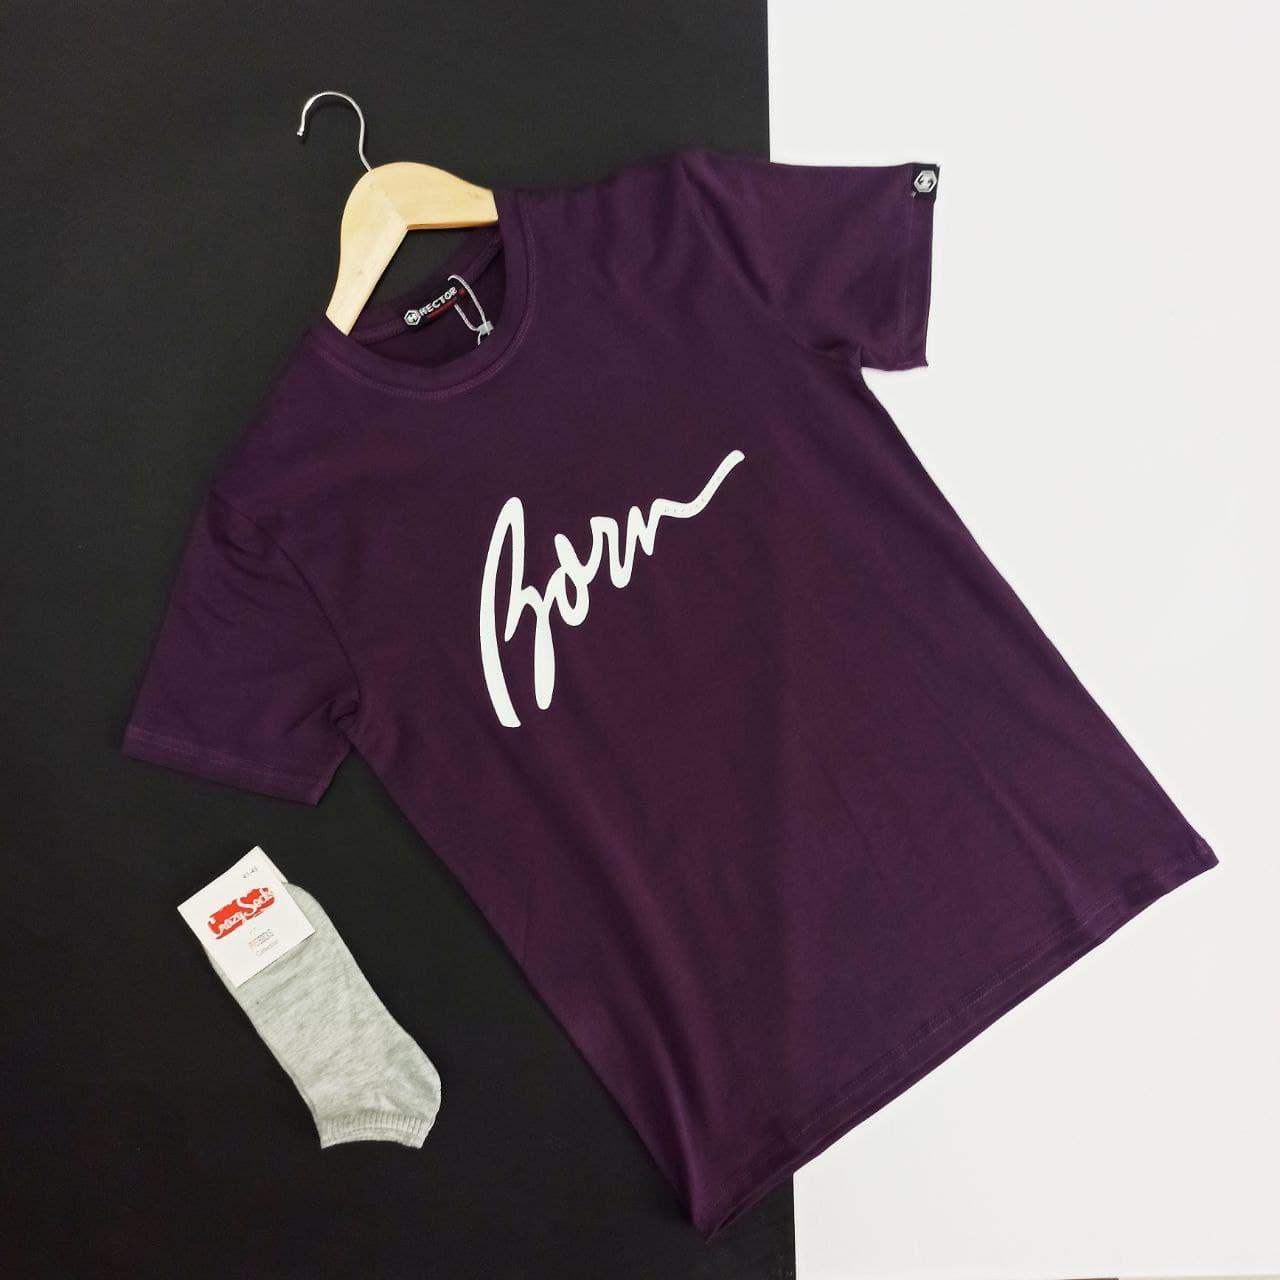 Чоловіча футболка молодіжна фіолетова з бавовни з логотипом Born